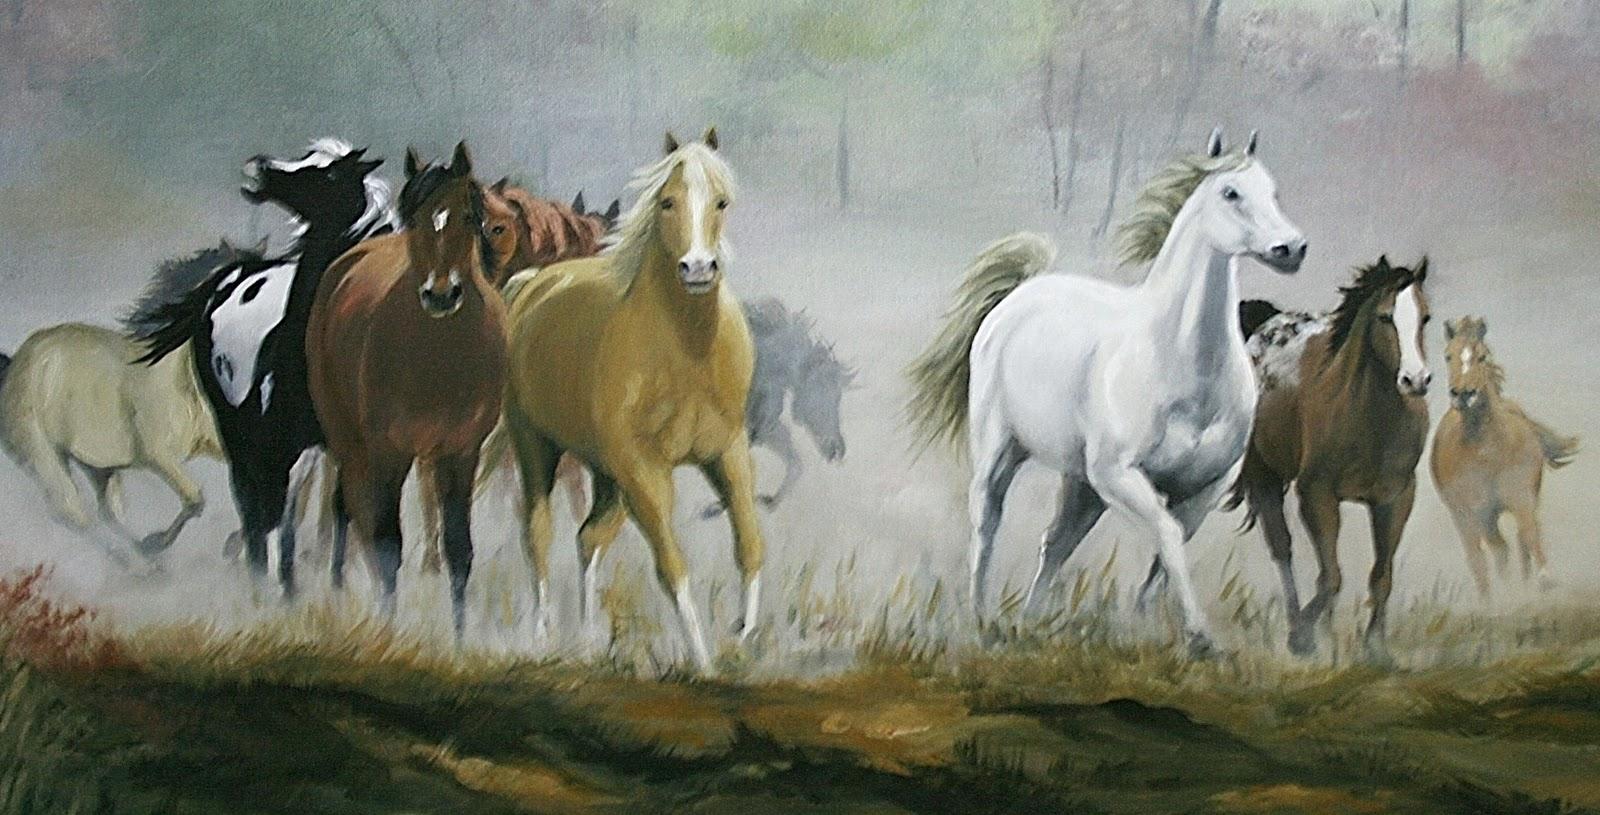 My Favourite Paintings: WILDLIFE PAINTINGS